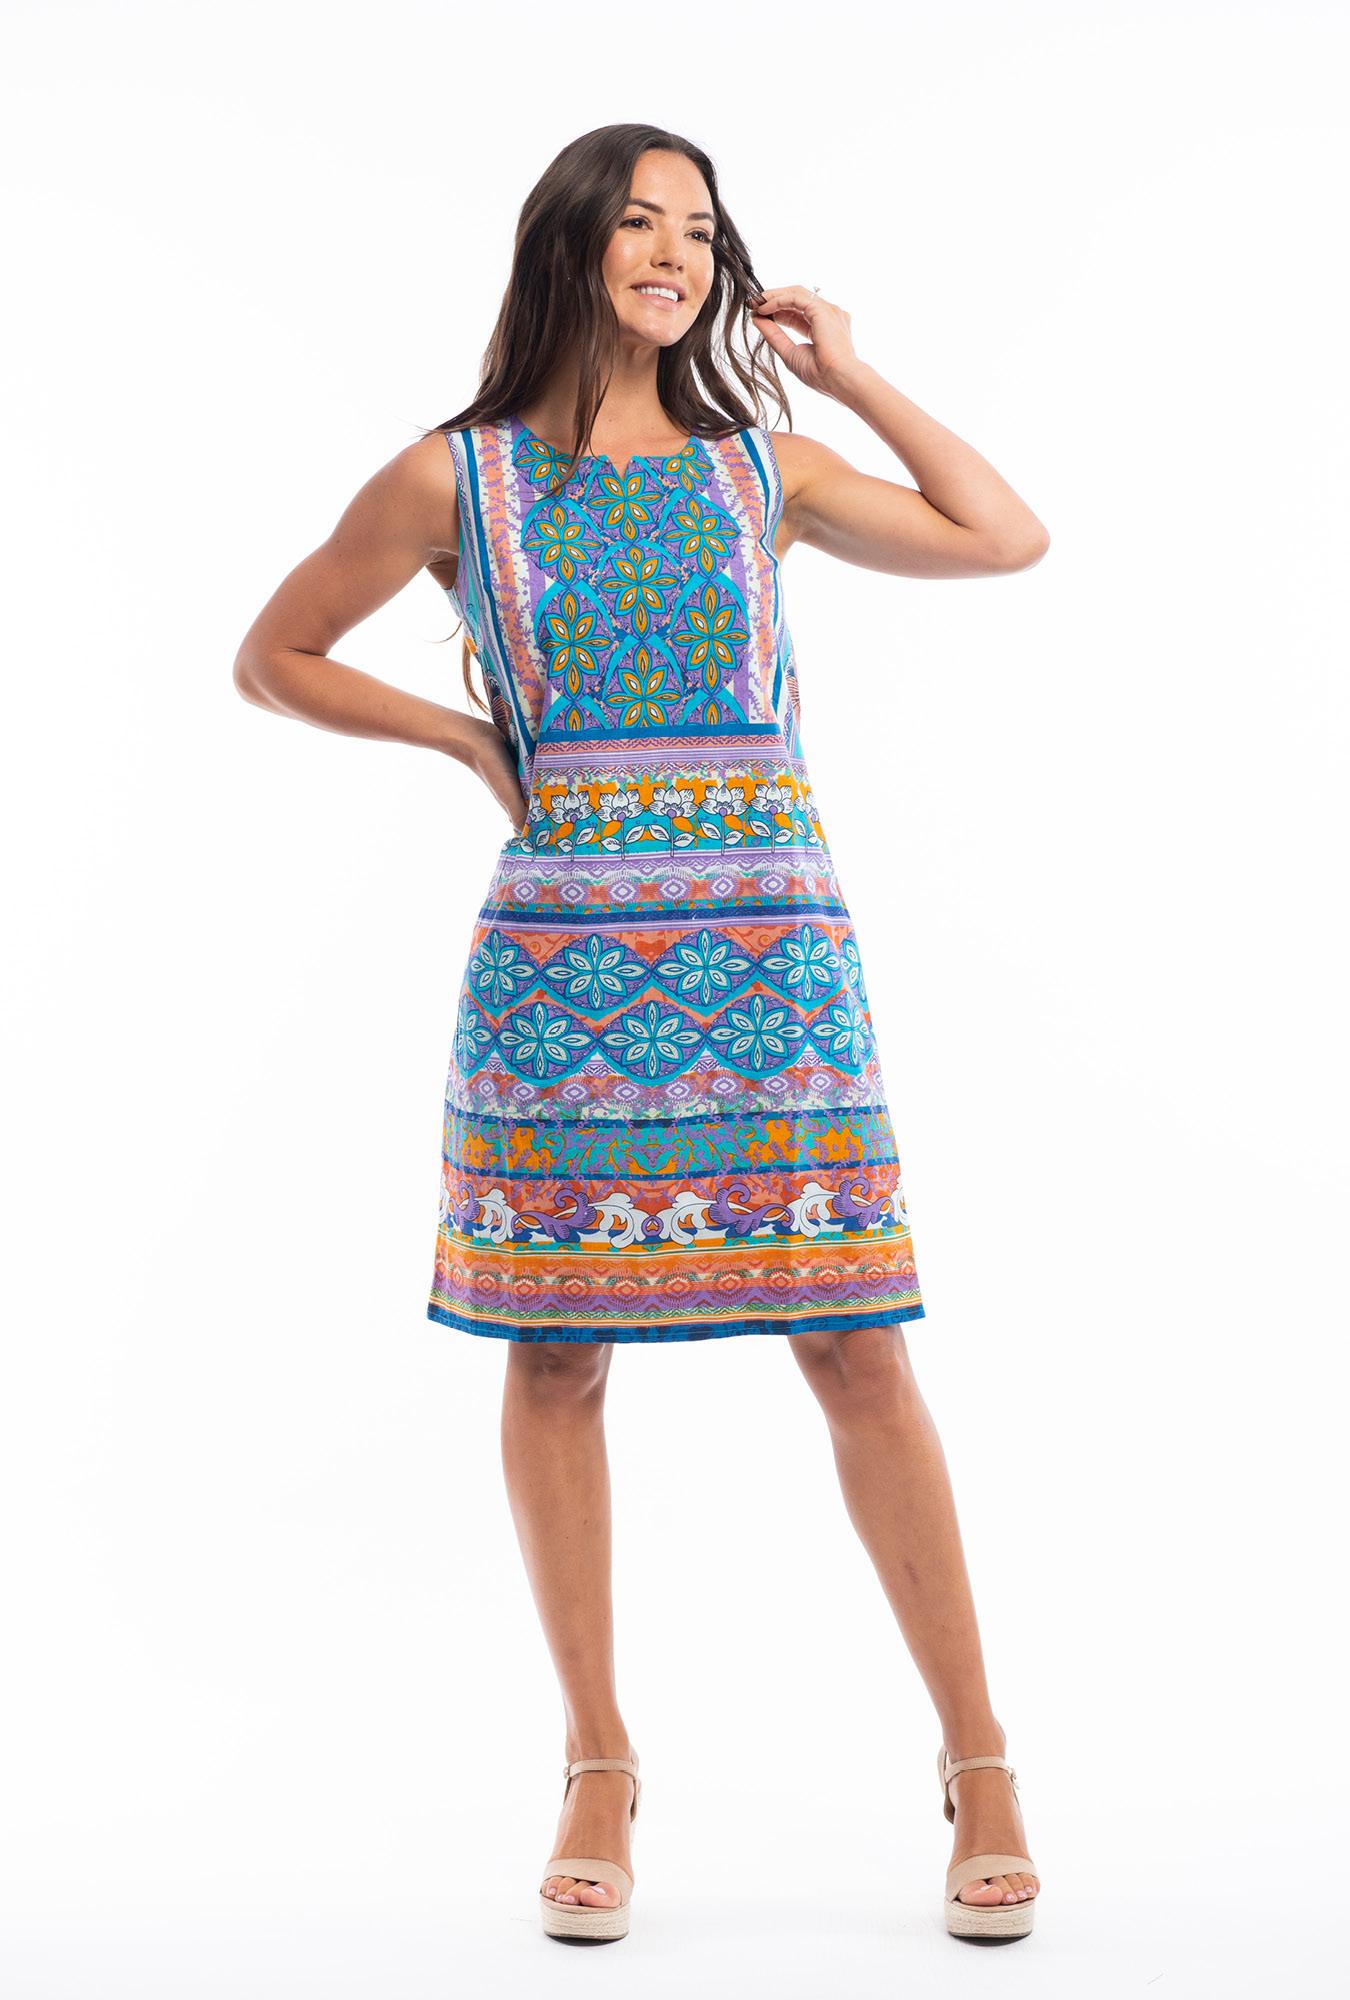 Izzi Reversible Dress in St Tropez Blue